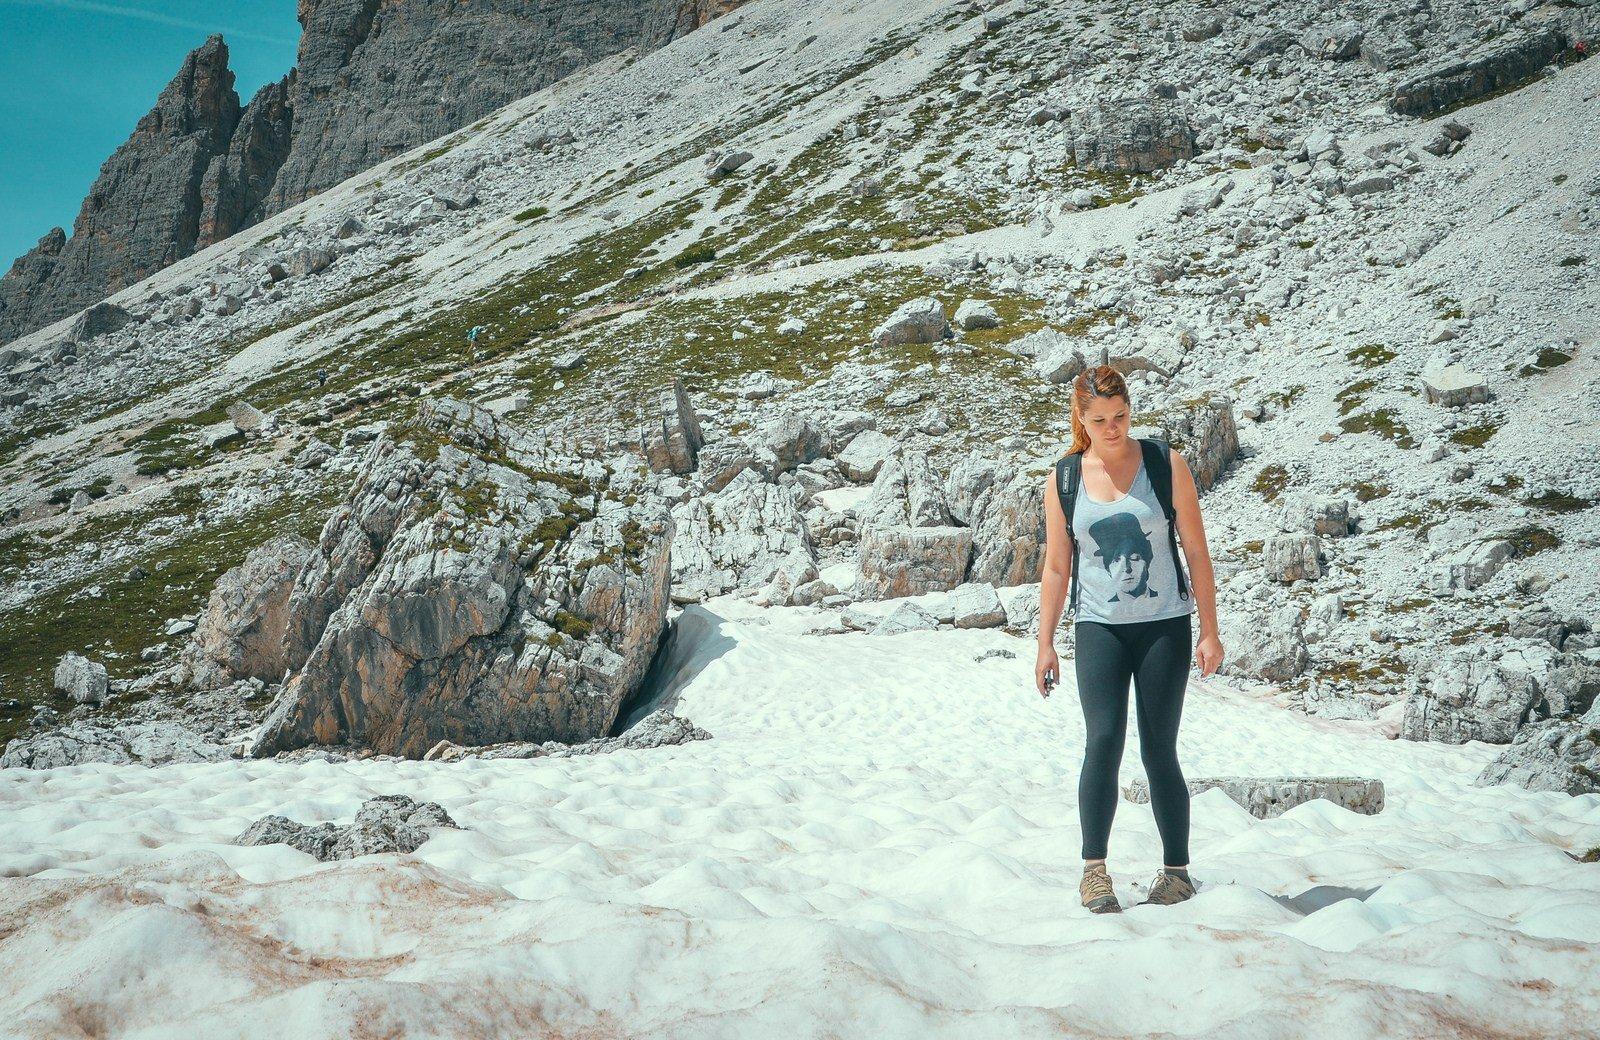 Dans la glace Parco naturale Tre Cime